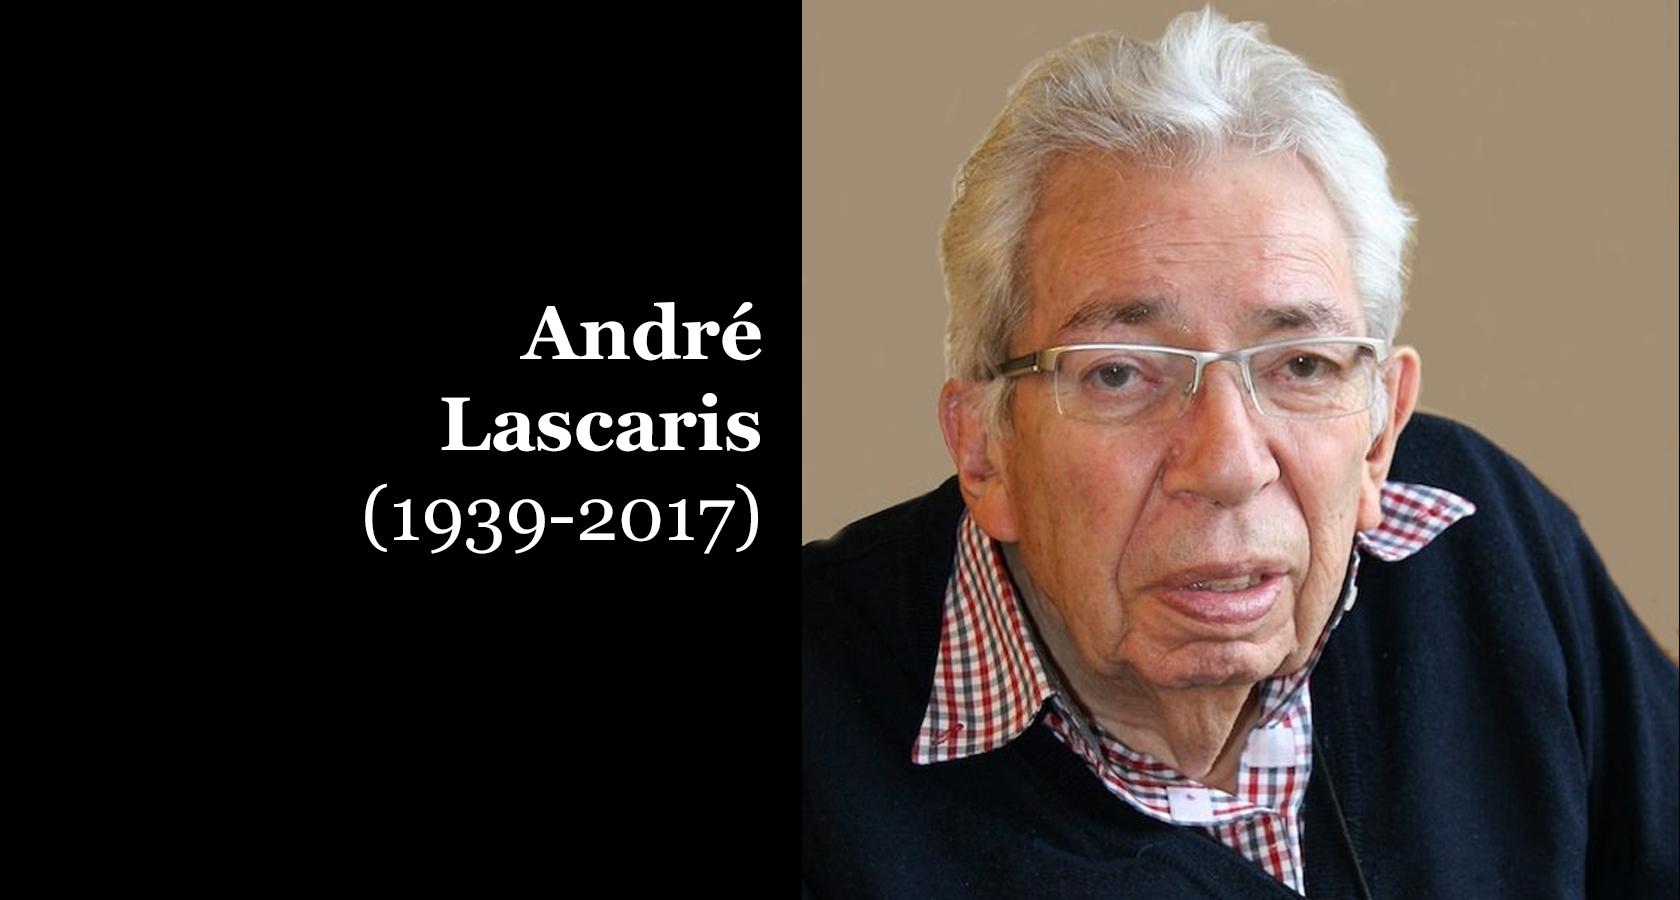 Andre Lascaris